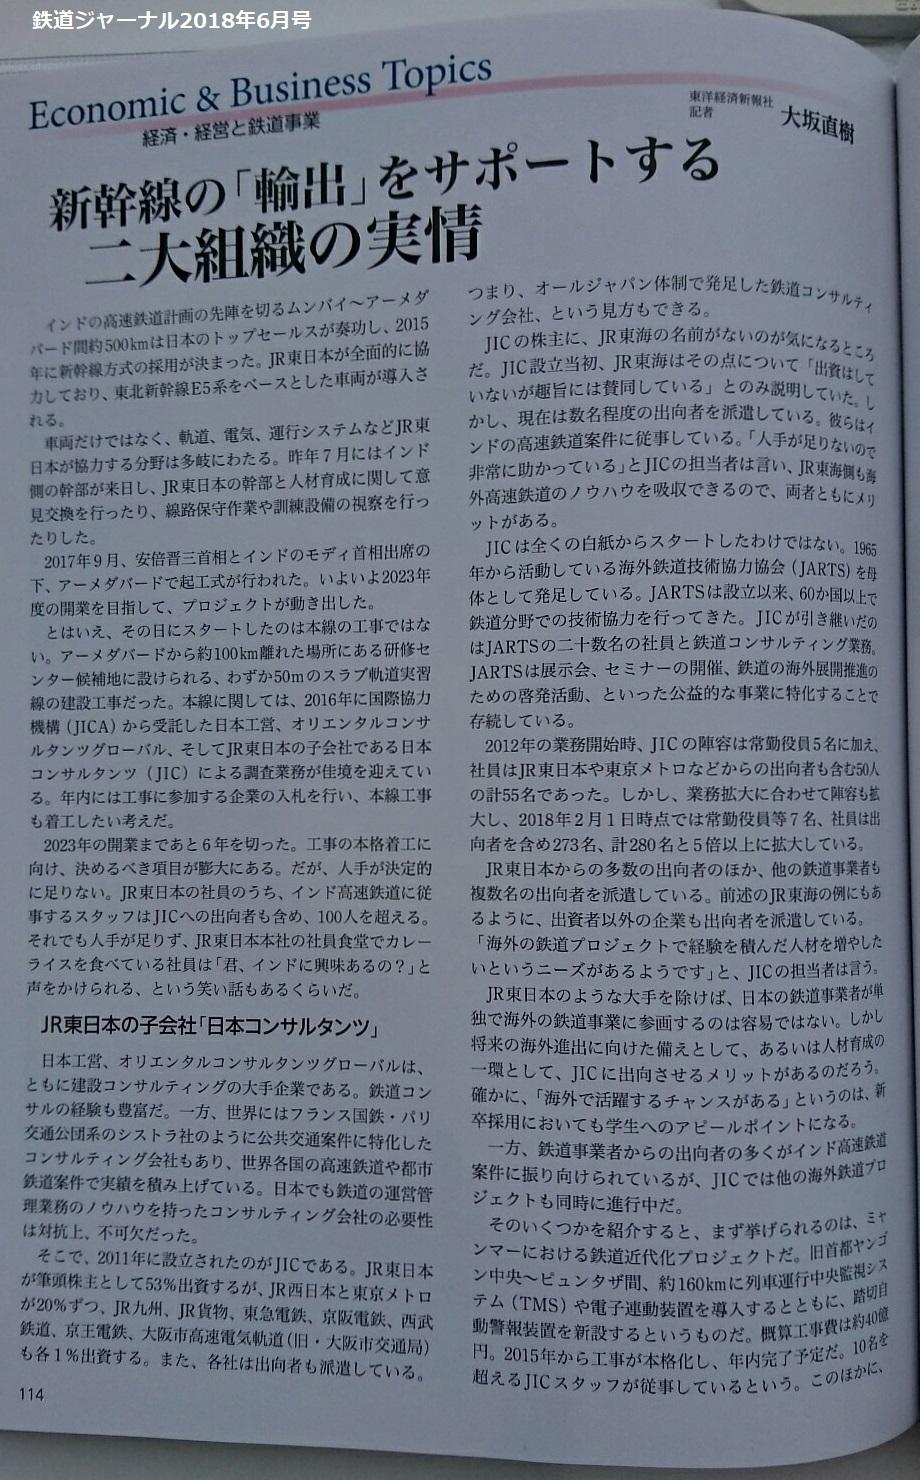 新幹線の輸出を支援する二大組織の実情(大坂直樹さん)(鉄道ジャーナル2018年6月号)114ページ 920-1480